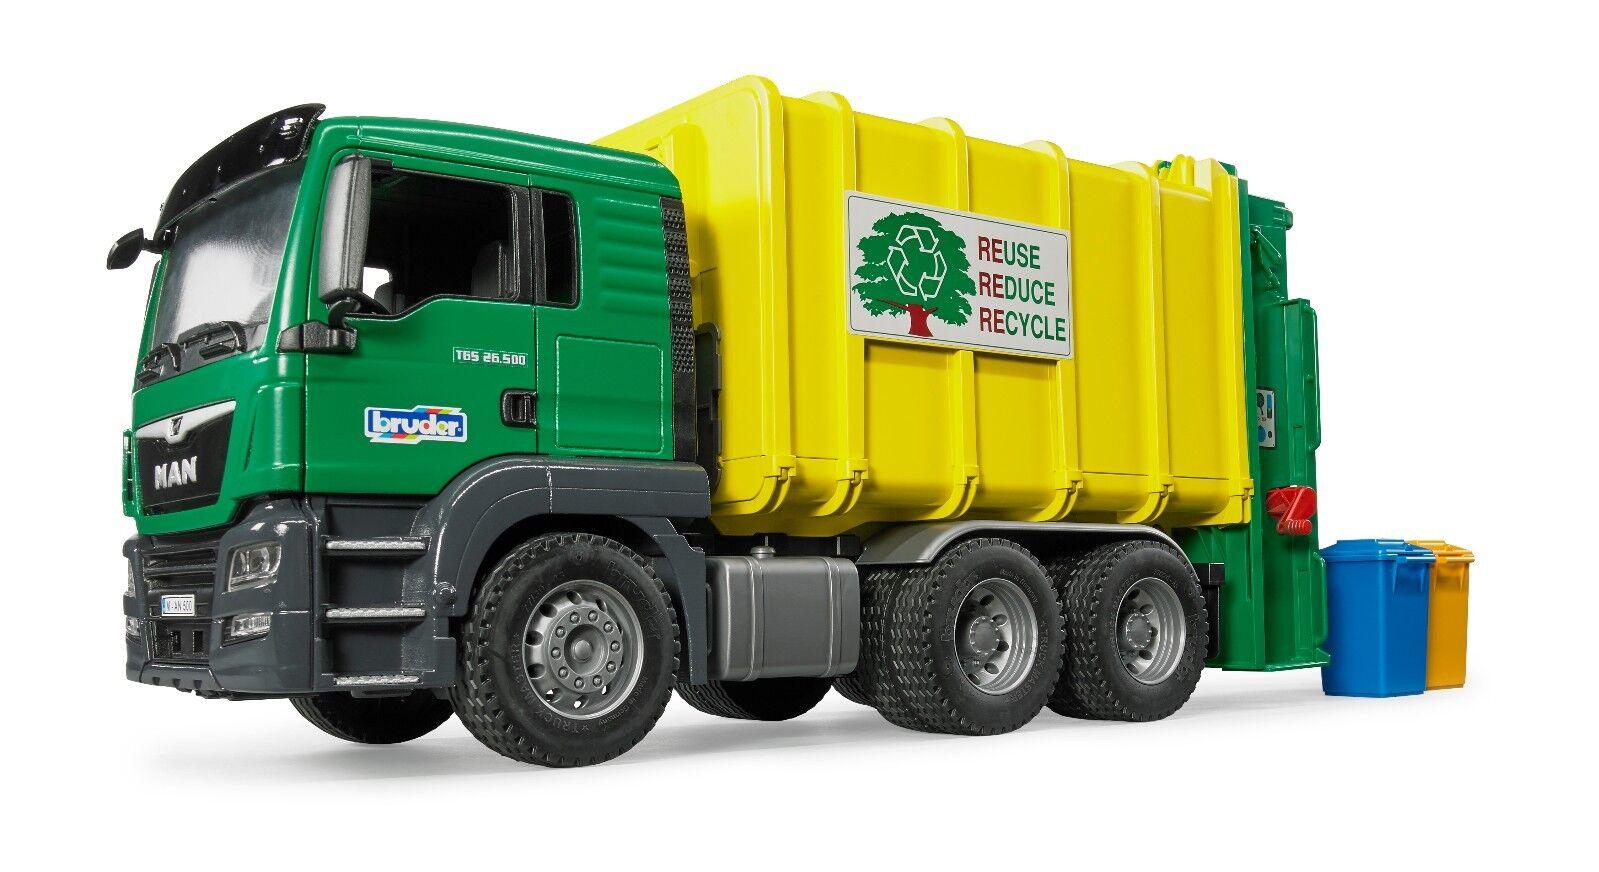 Bruder Dhl Lkw, Spielzeug günstig gebraucht kaufen | eBay